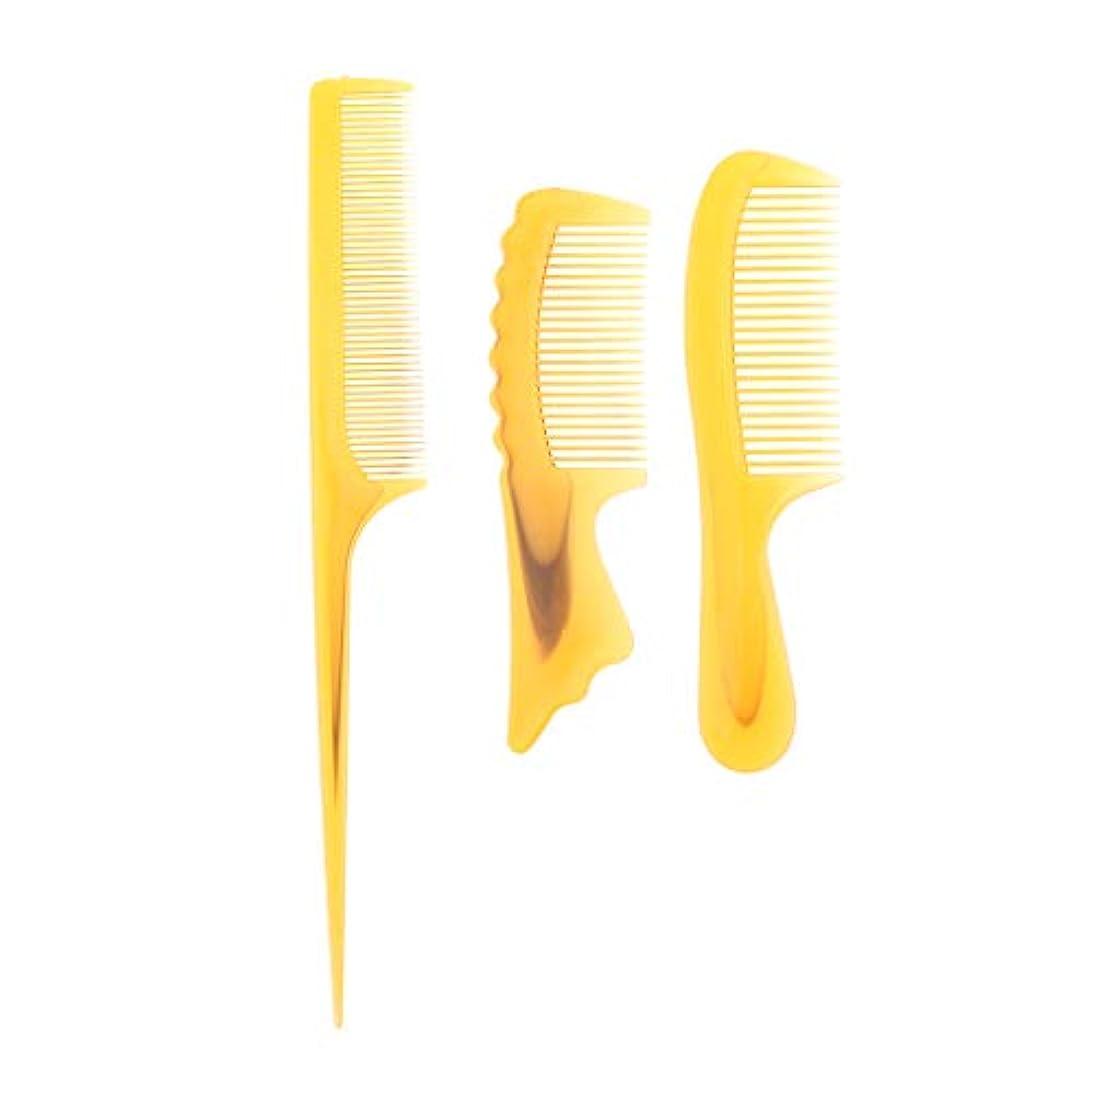 純粋にくカートン3個 髪の櫛 静電防止櫛 ヘアブラシ ヘアコーム コーム